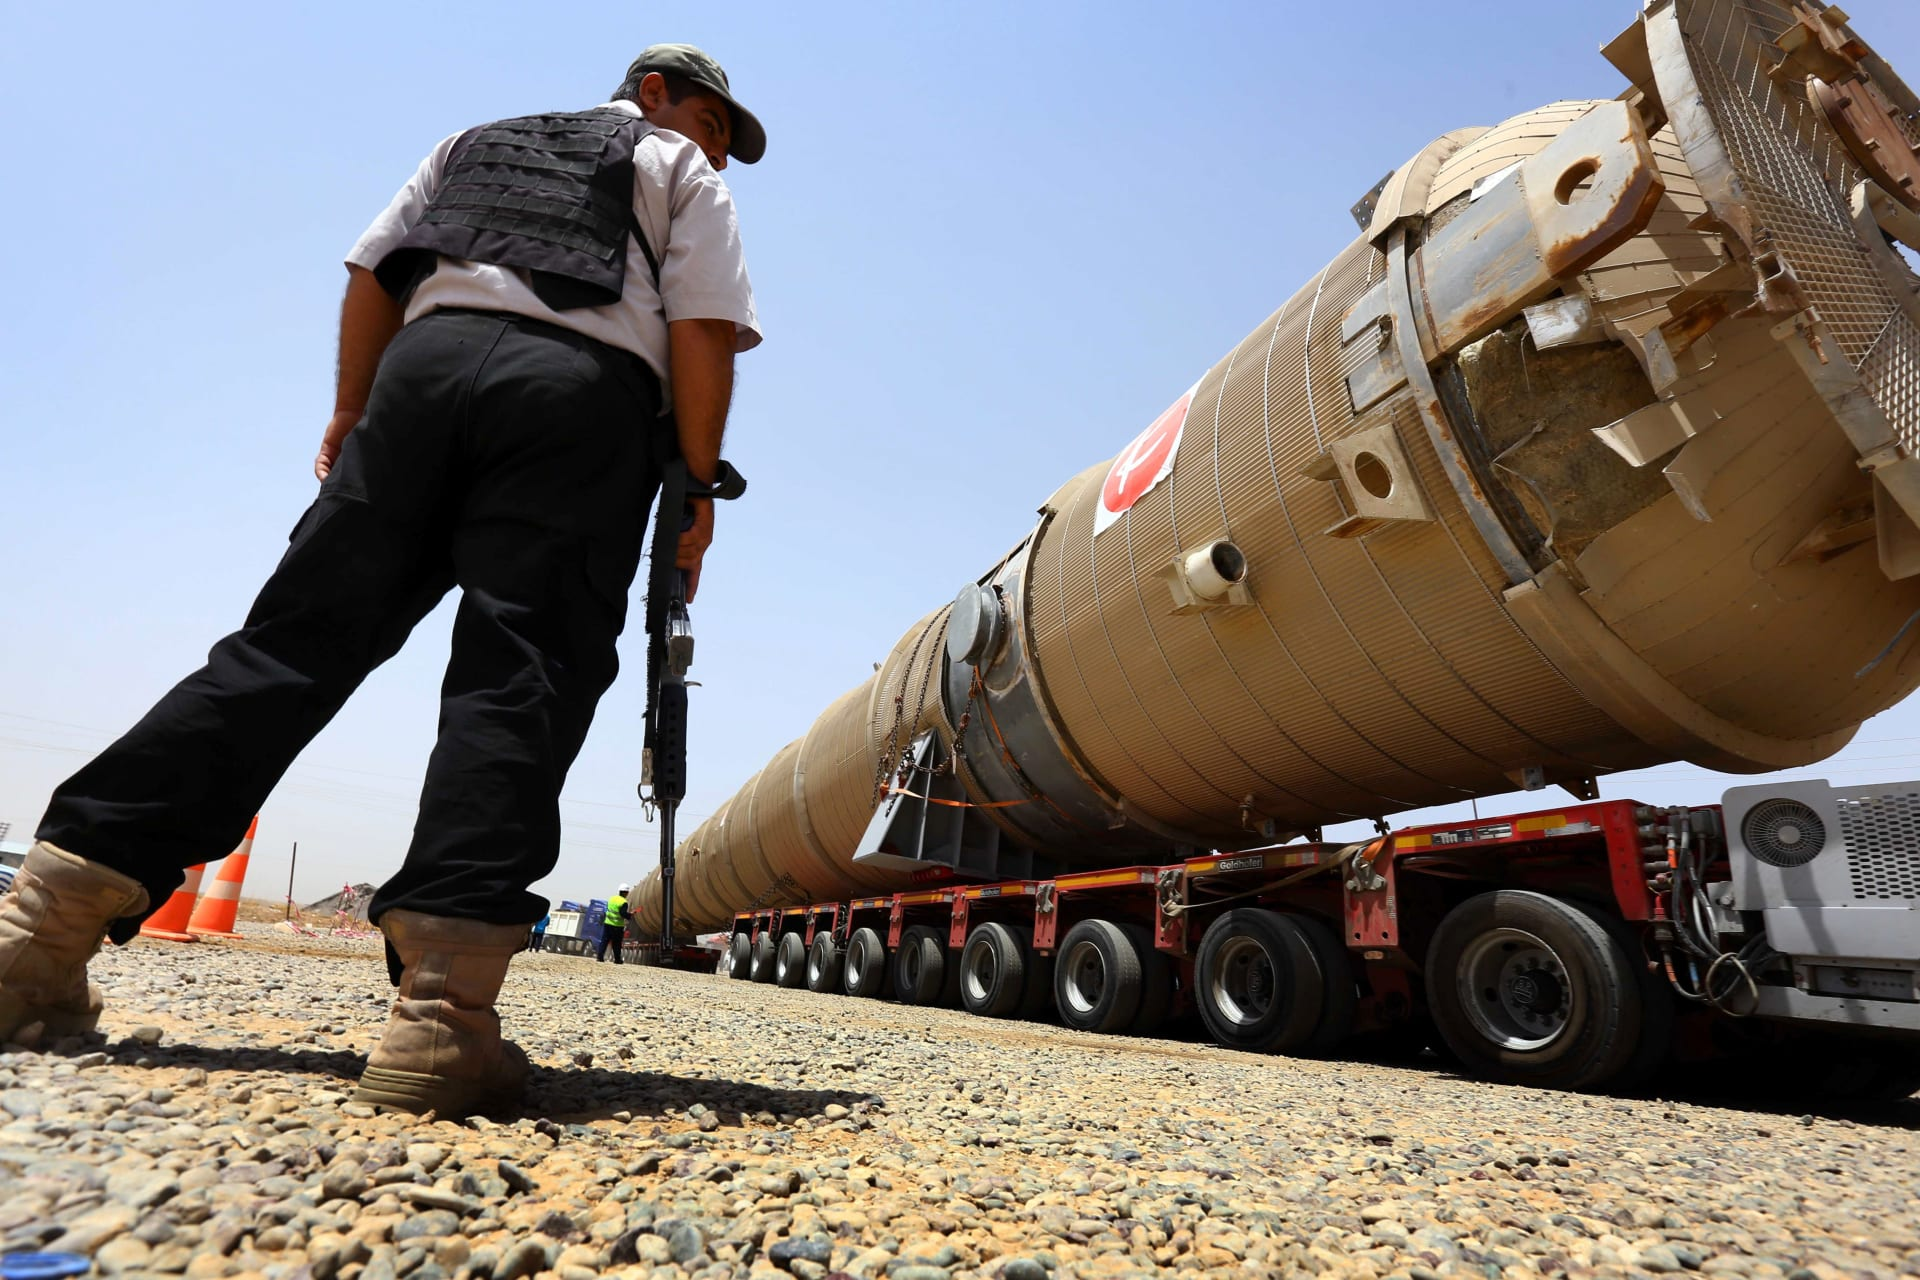 كردستان تعلن تعليق عمليات التنقيب عن النفط شمال العراق